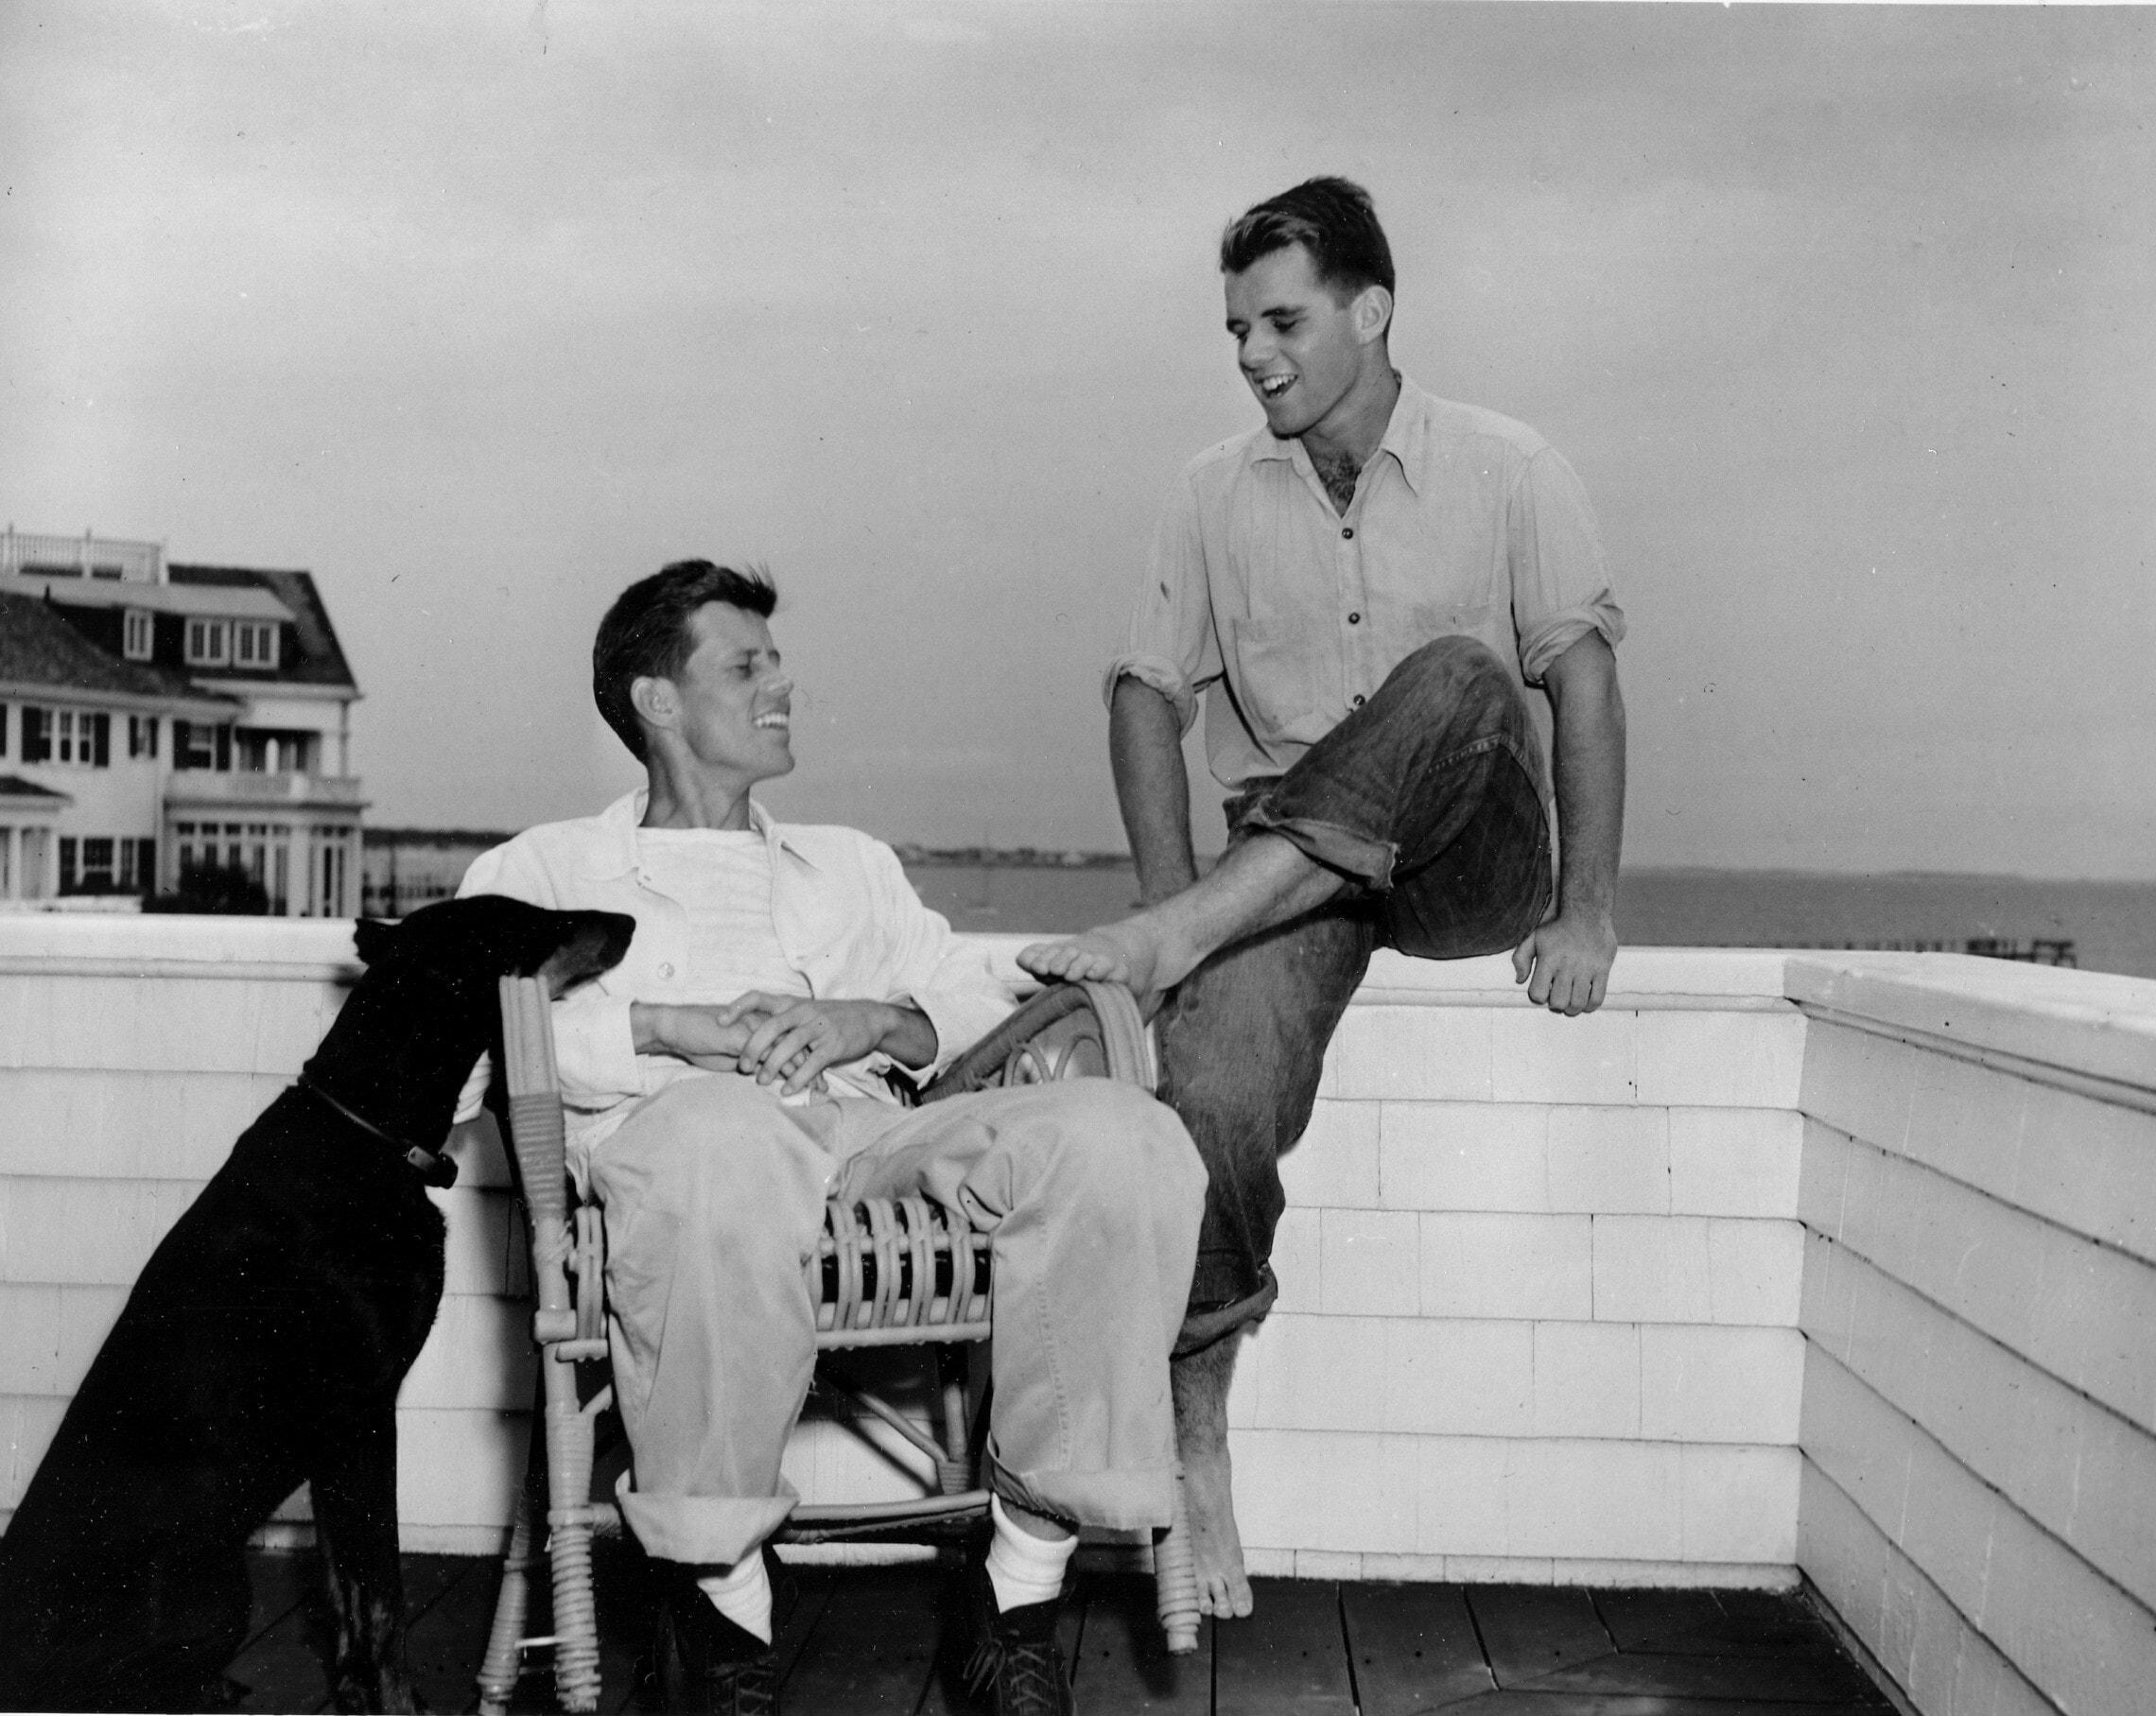 האחים רוברט וג'ון קנדי וכלבם מו ב-1946, אחרי שג'ון – אז בן 29 – נבחר להיות המועמד הדמוקרטי לקונגרס במחוז ה-11 במסצ'וסטס (צילום: AP Photo)